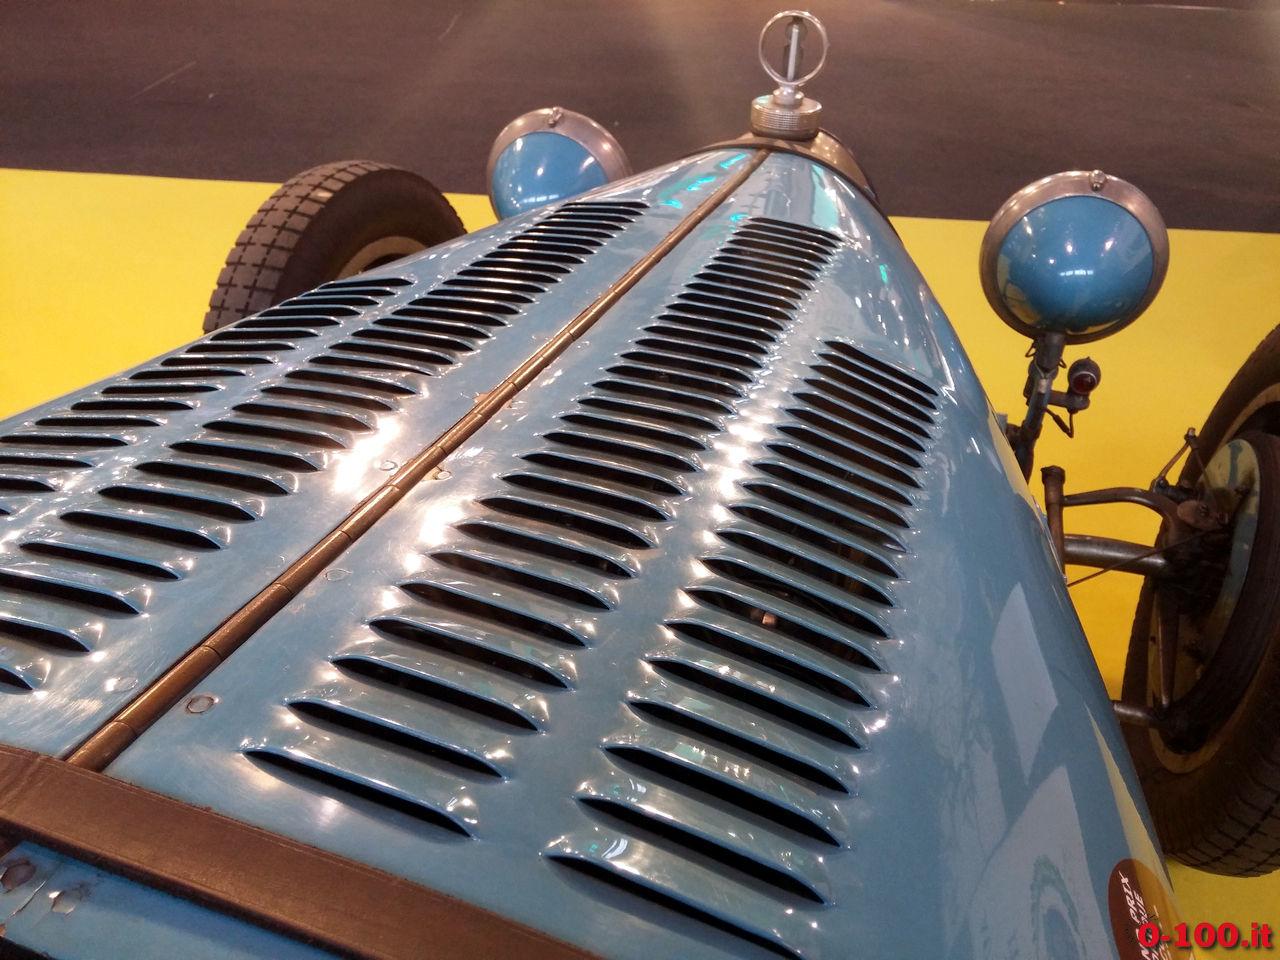 automotodepoca-2016-bugatti35-bugatti-car-market-mercato-auto-prezzo-price_0-10022